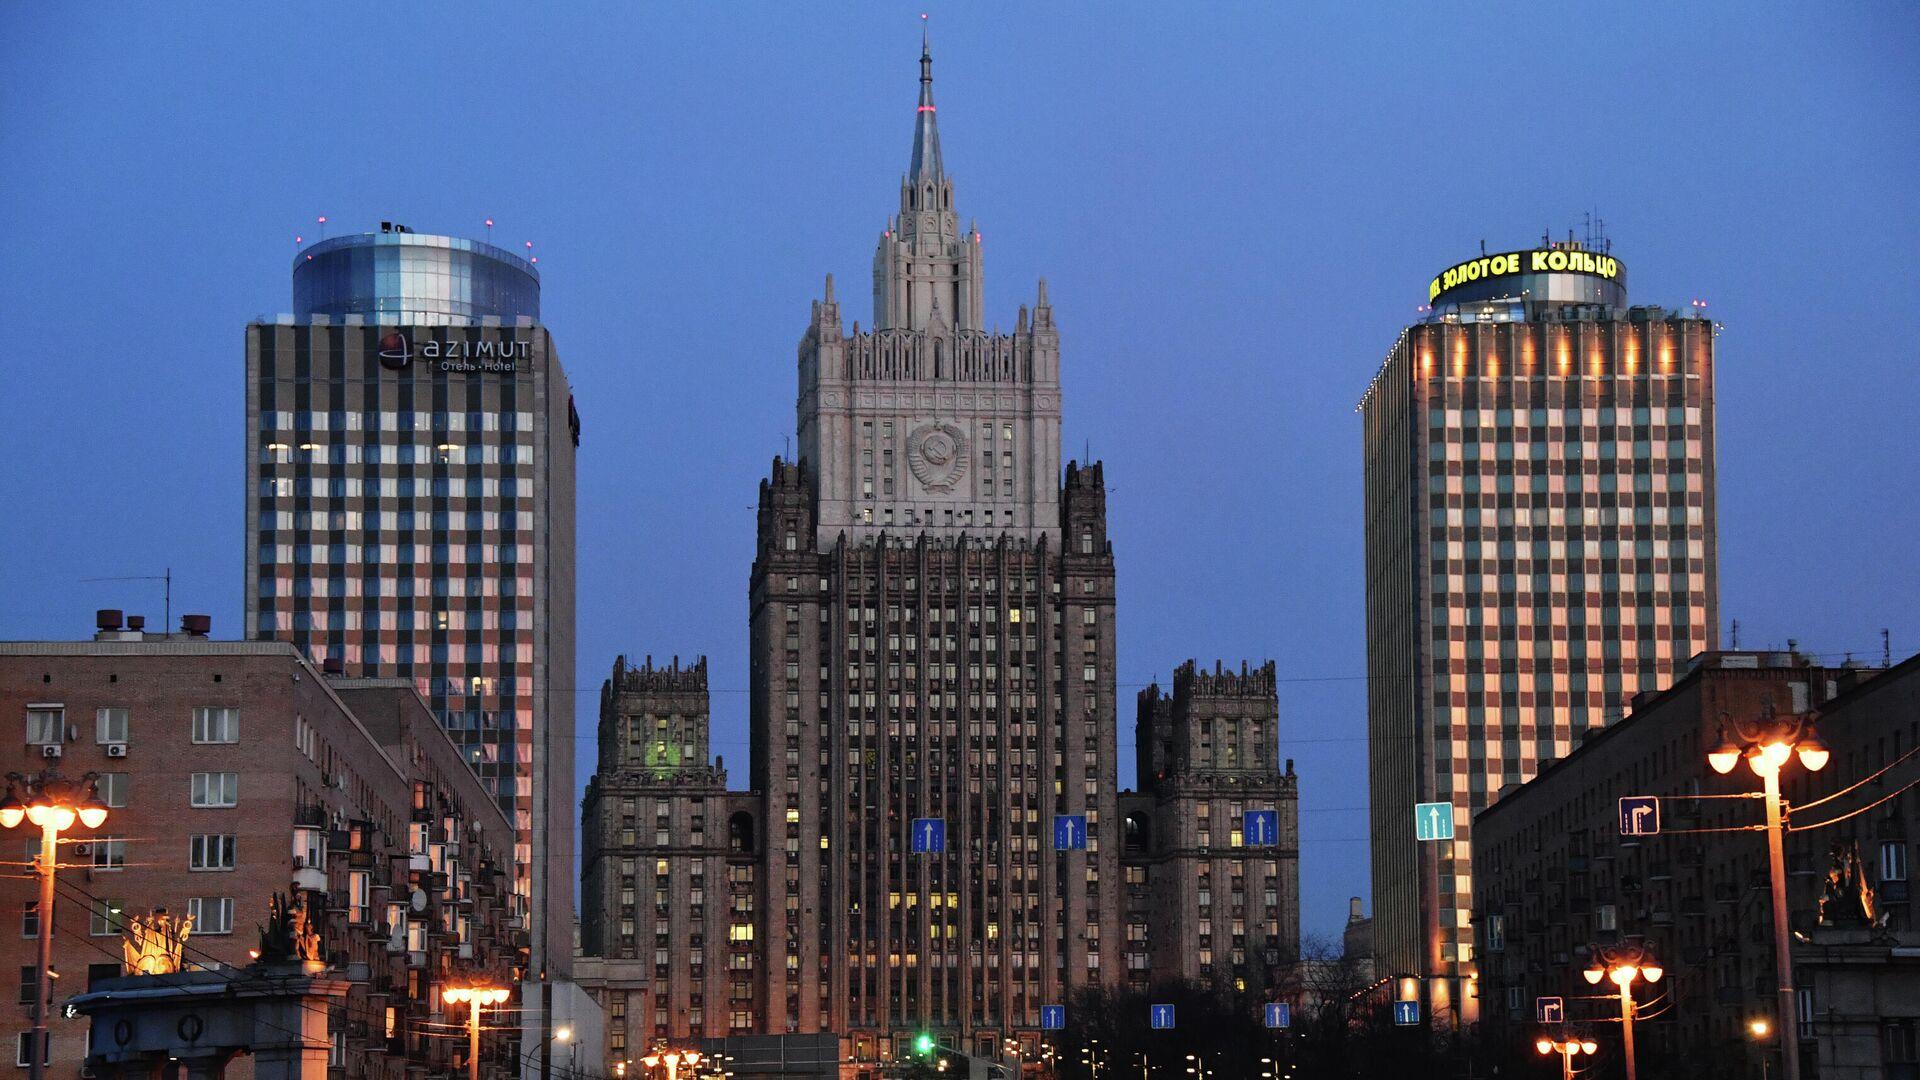 МИД заявил, что Москва ответит на возможные санкции ЕС